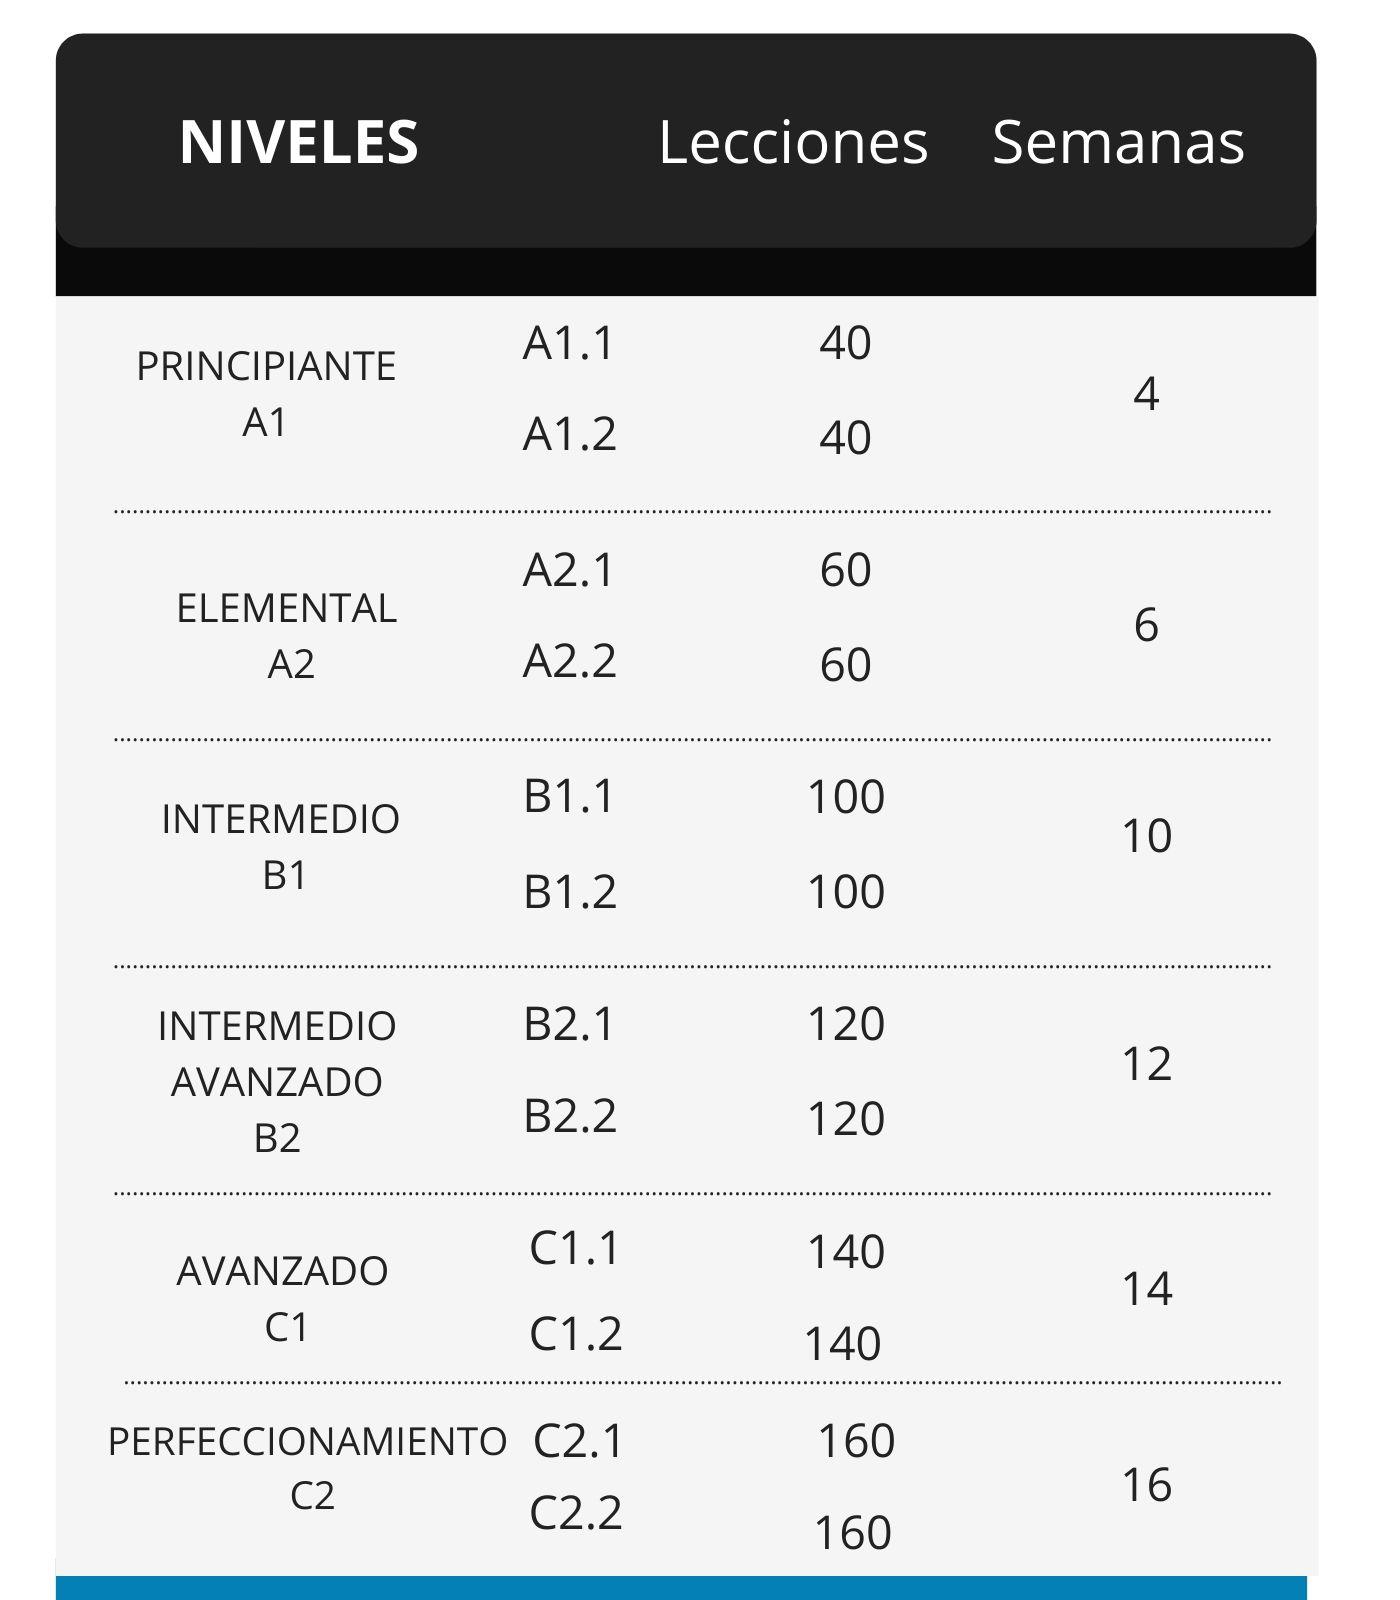 tabla con los niveles espanol y la duració de los cursos